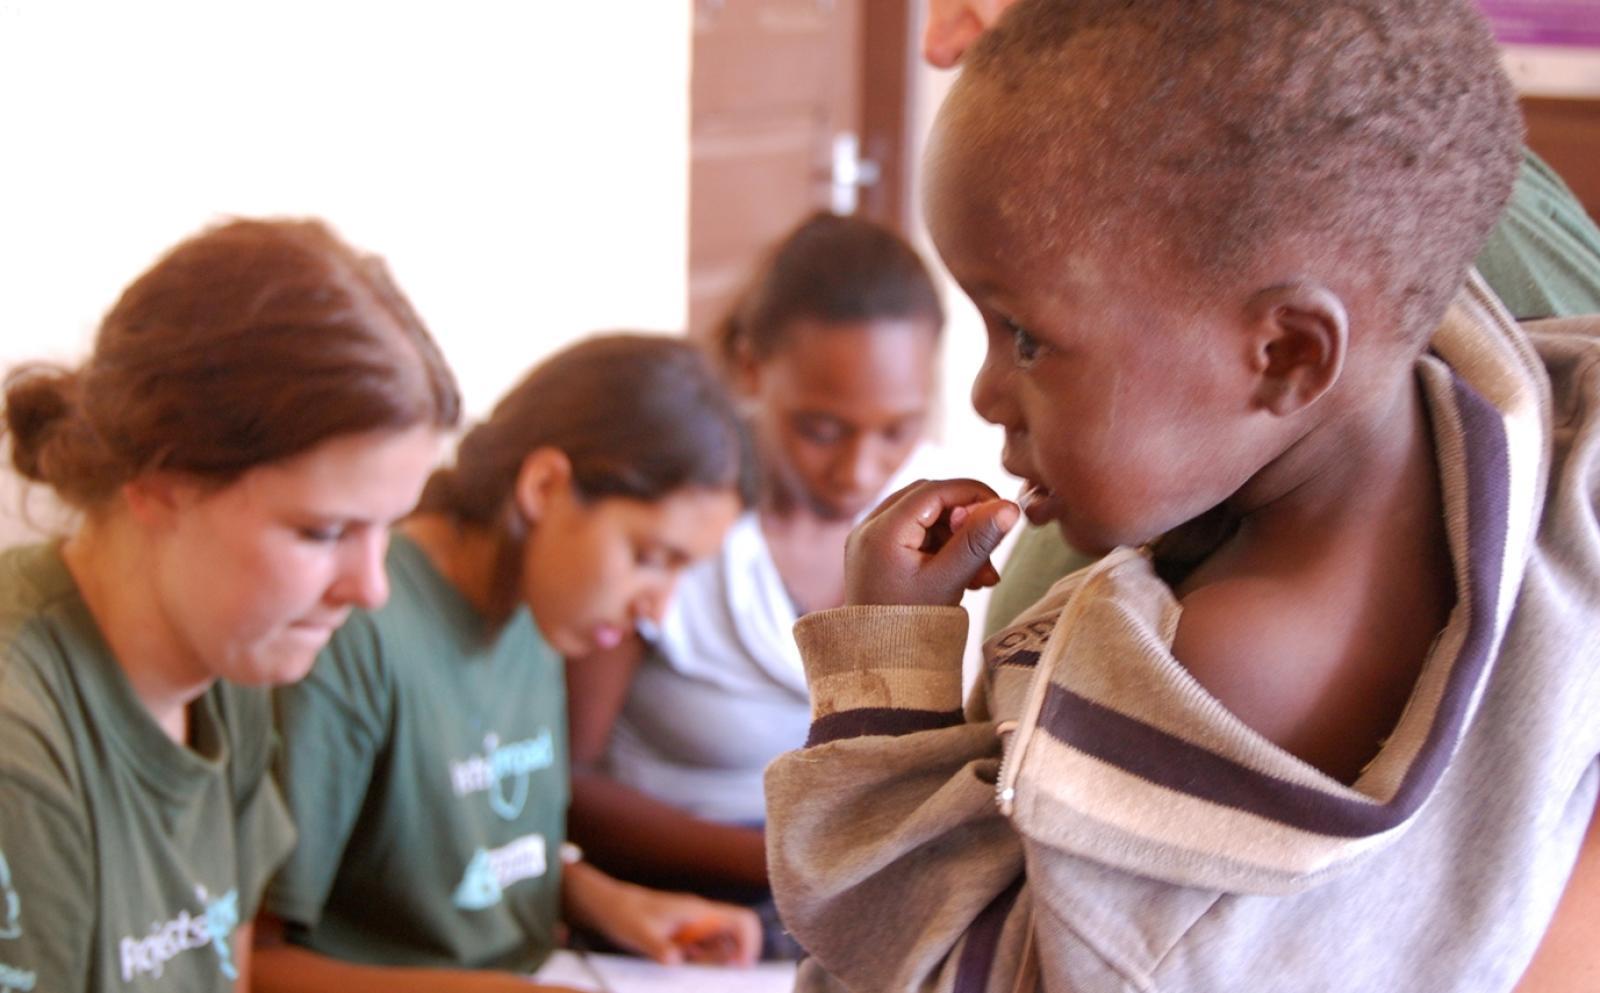 アフリカの発展途上国で社会福祉活動に取り組むインターンたち